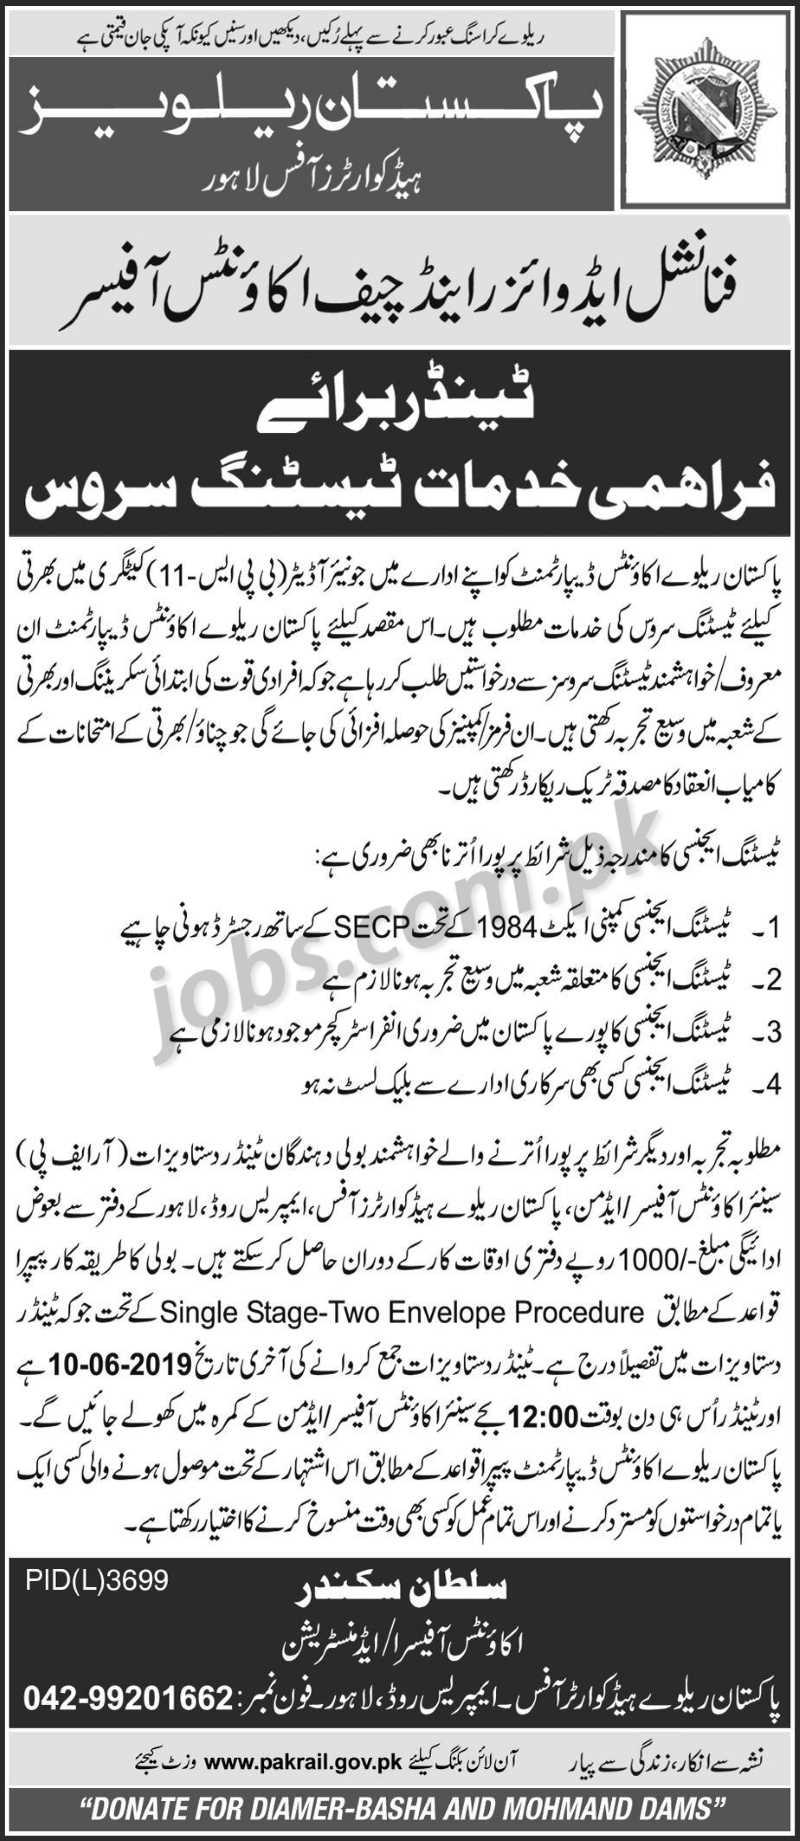 Pakistan Railways Jobs 2019 | Latest Jobs in Railways (All